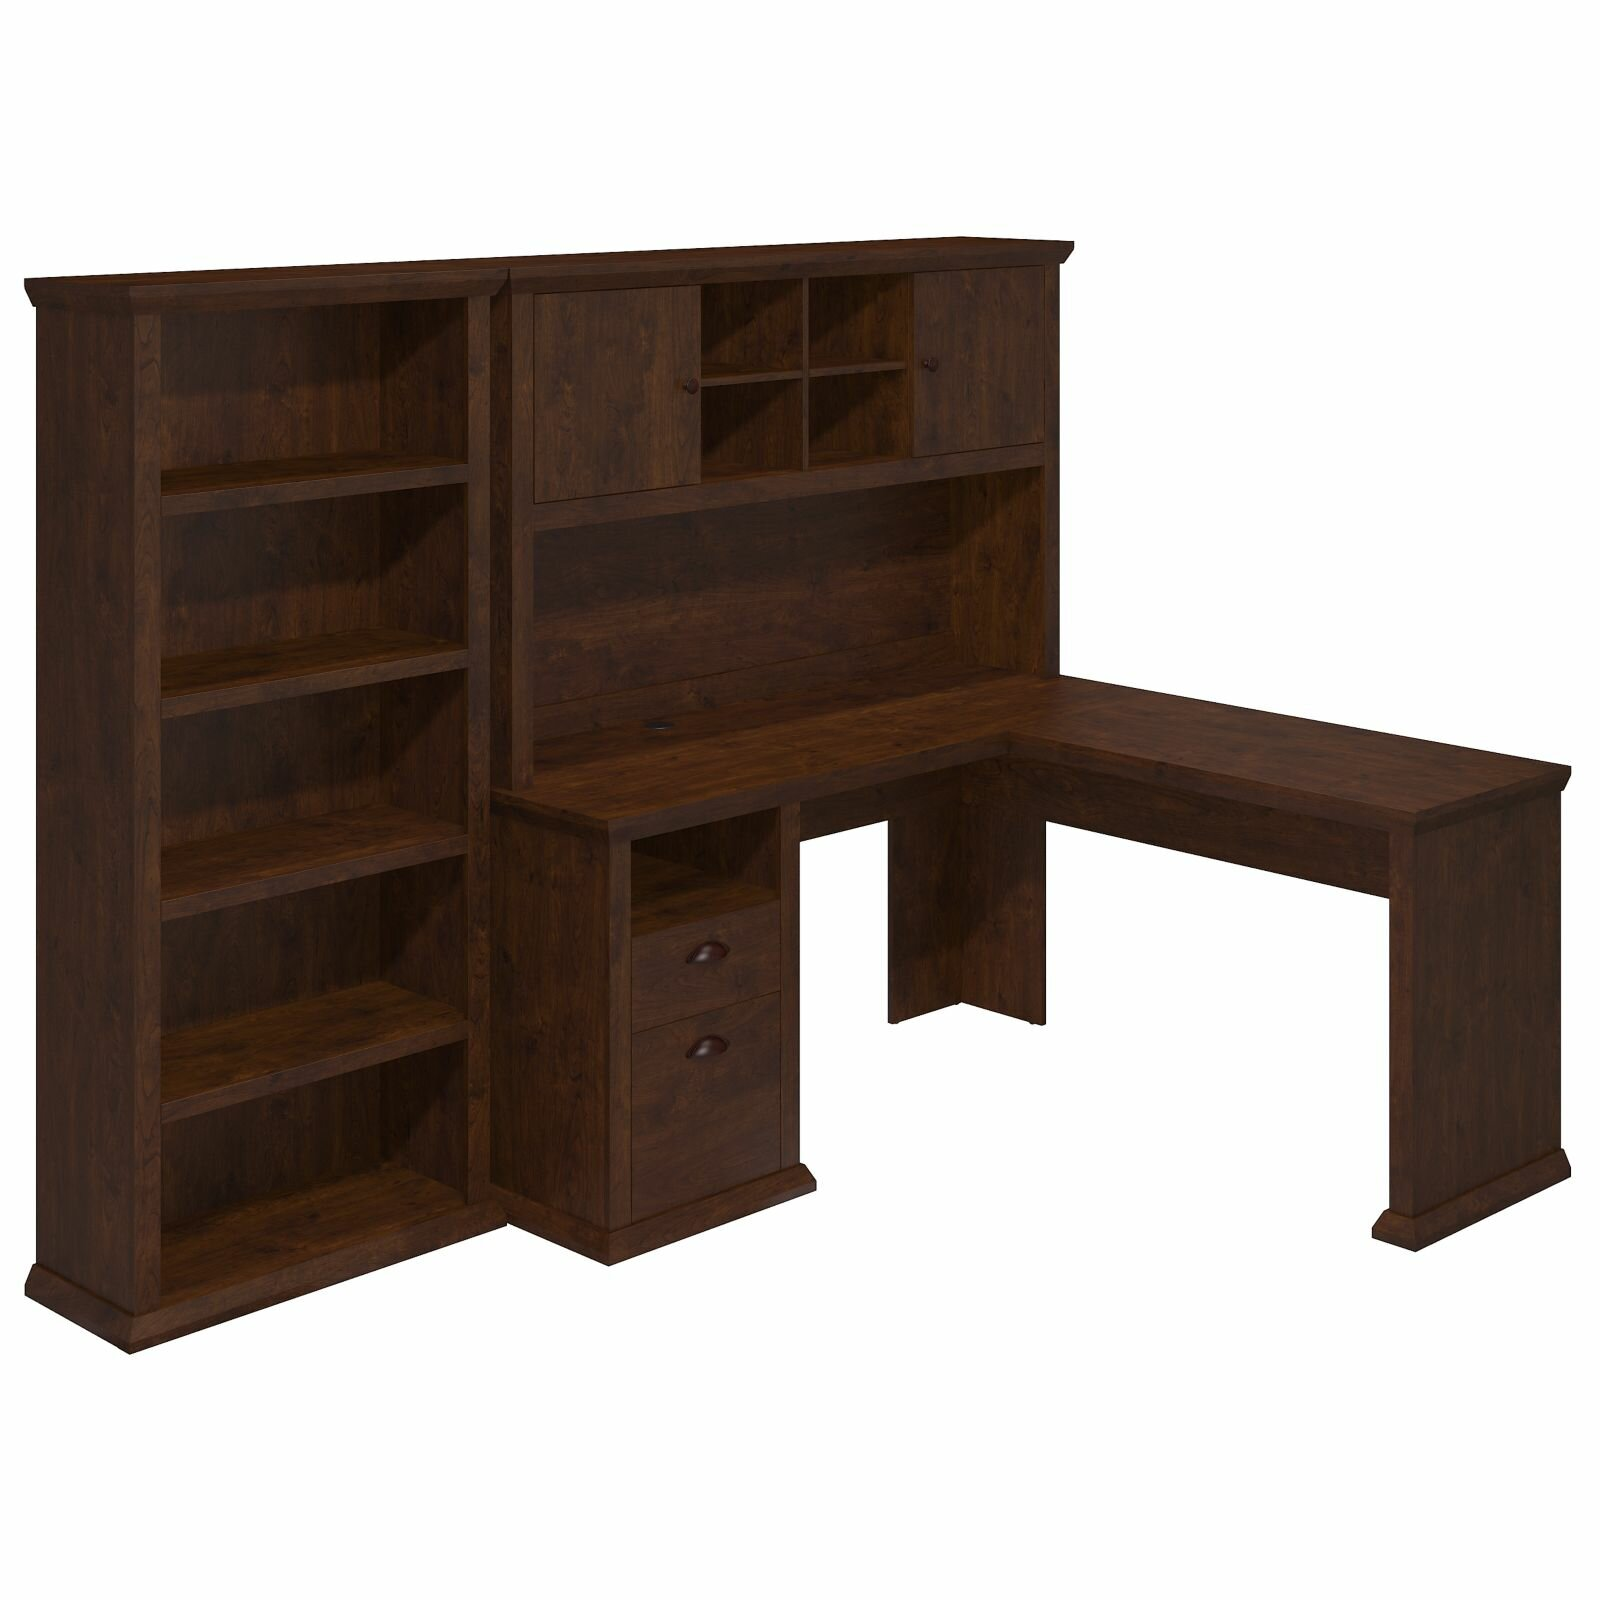 Corner Desk And Bookshelf 28 Images Corner Desk With Bookshelf Whitevan Bush Industries